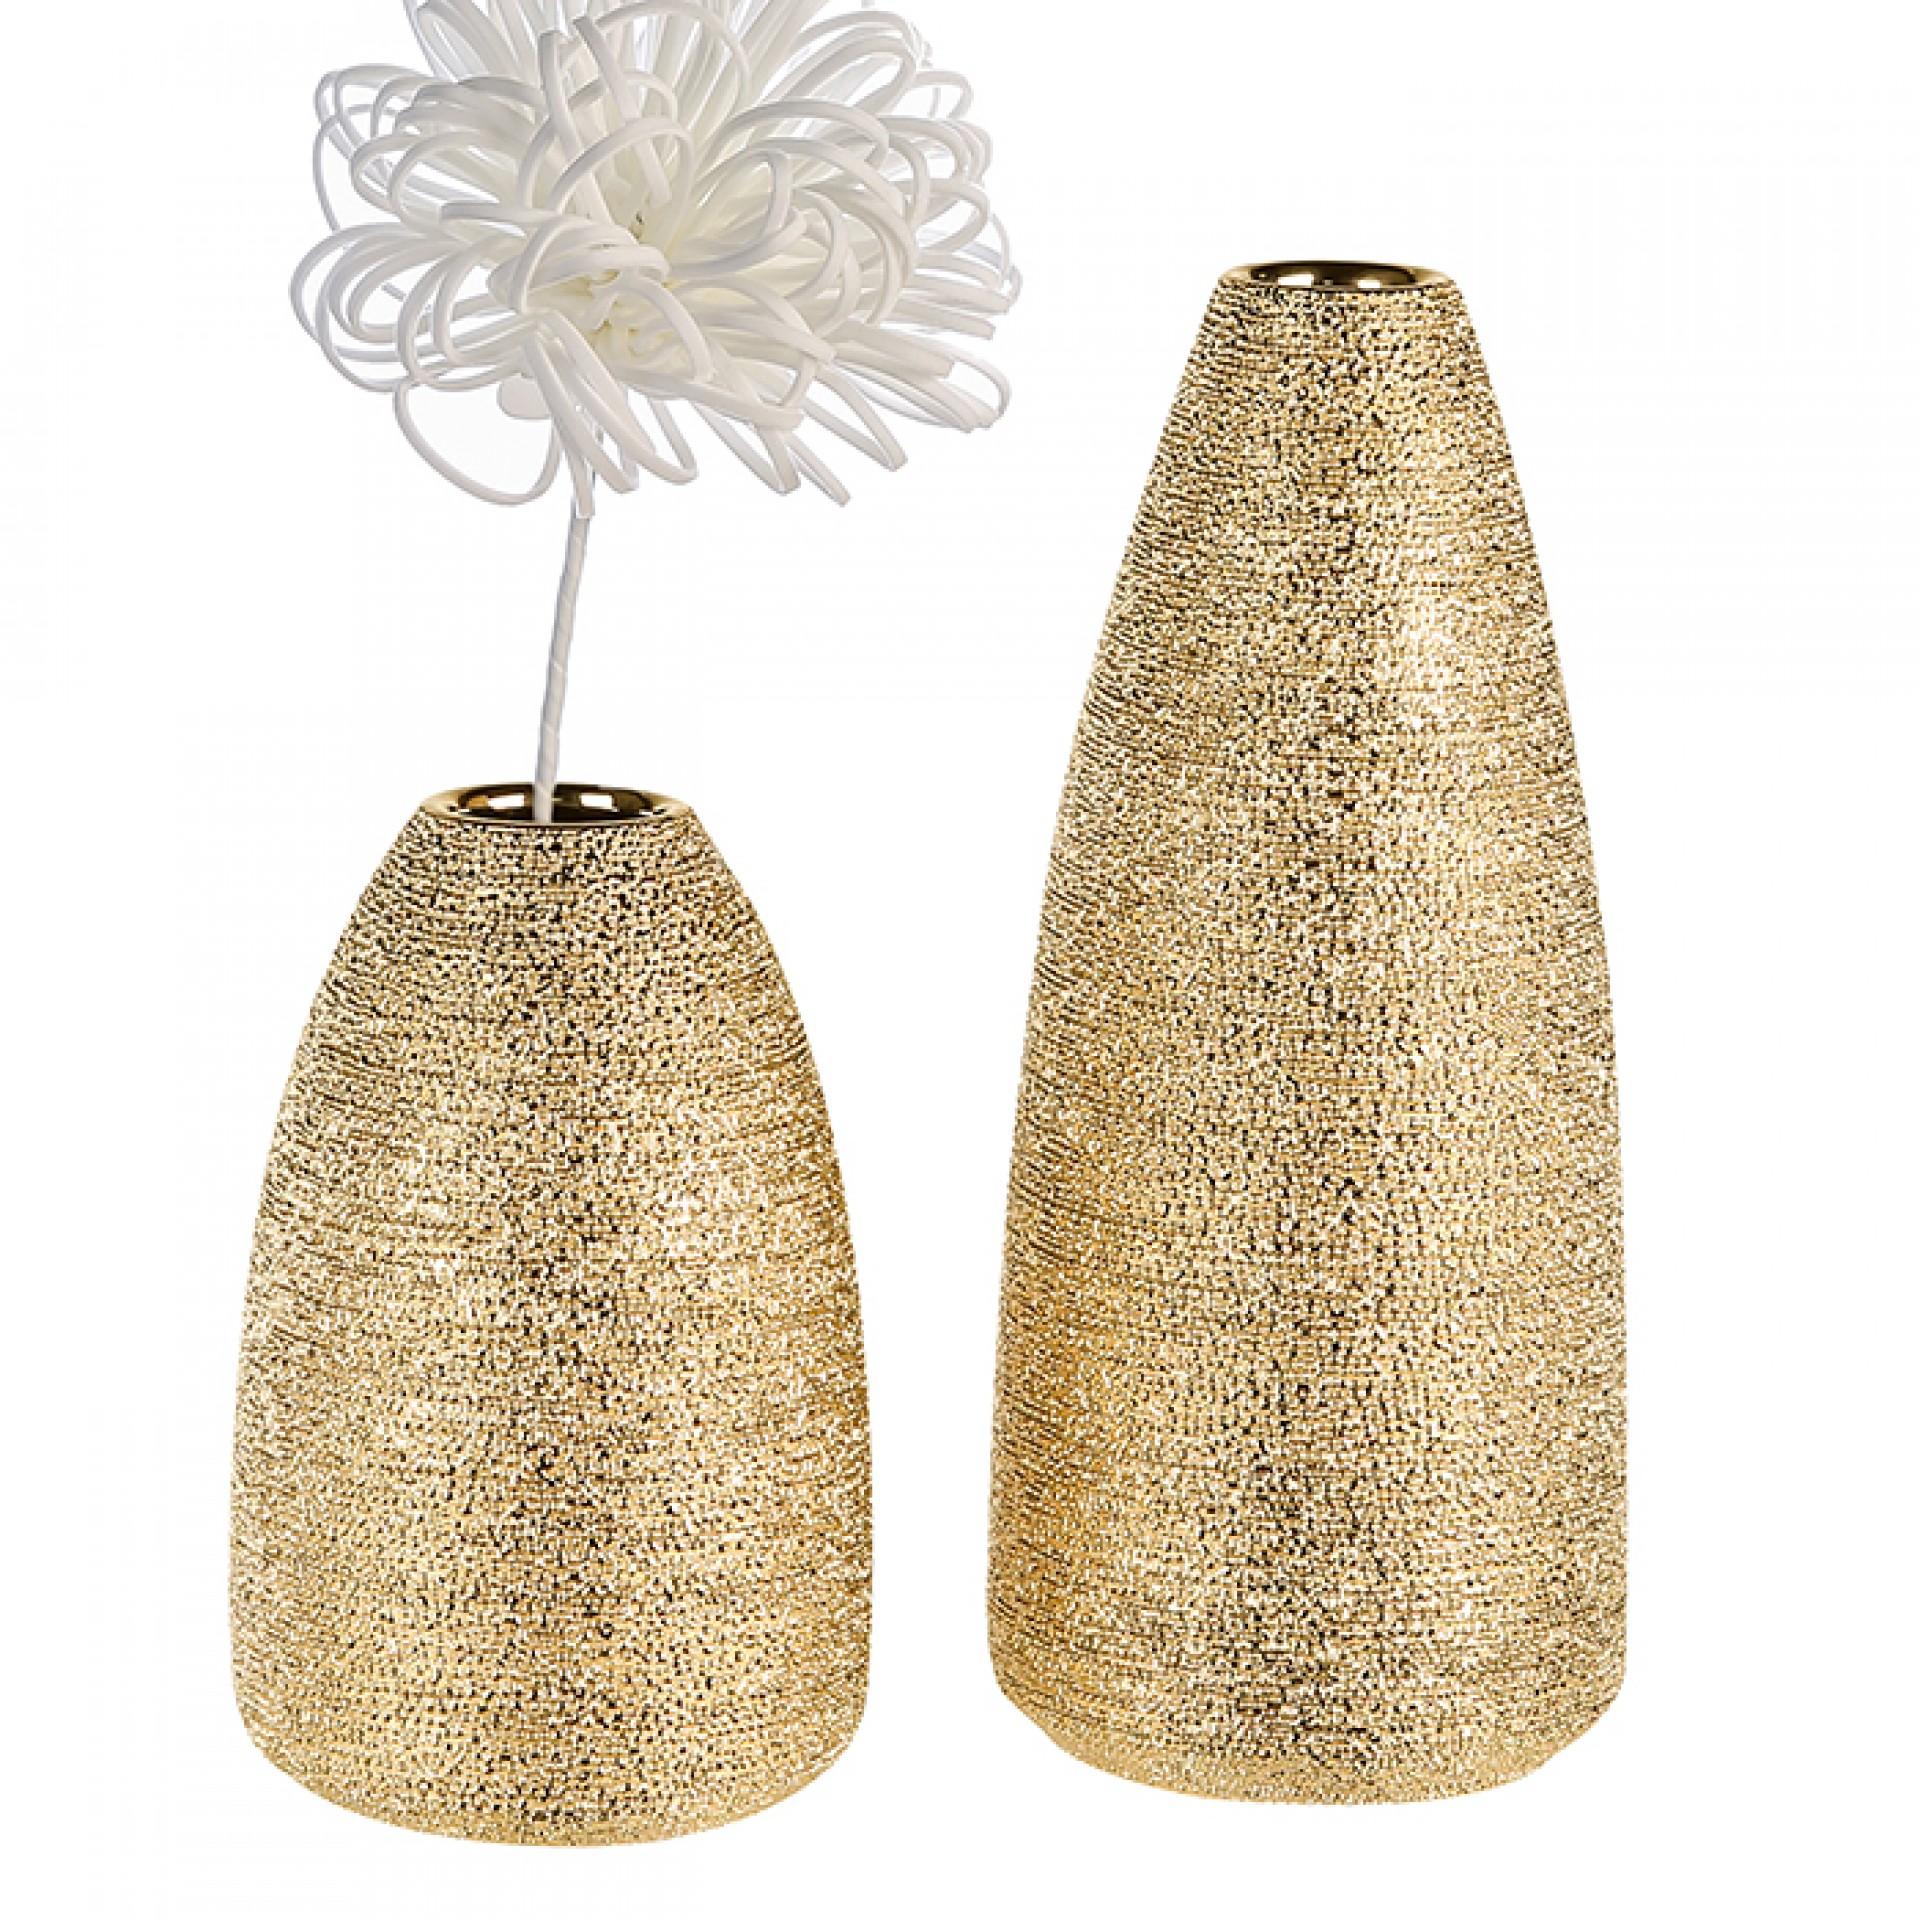 Keramická váza Miro, 30 cm, zlatá